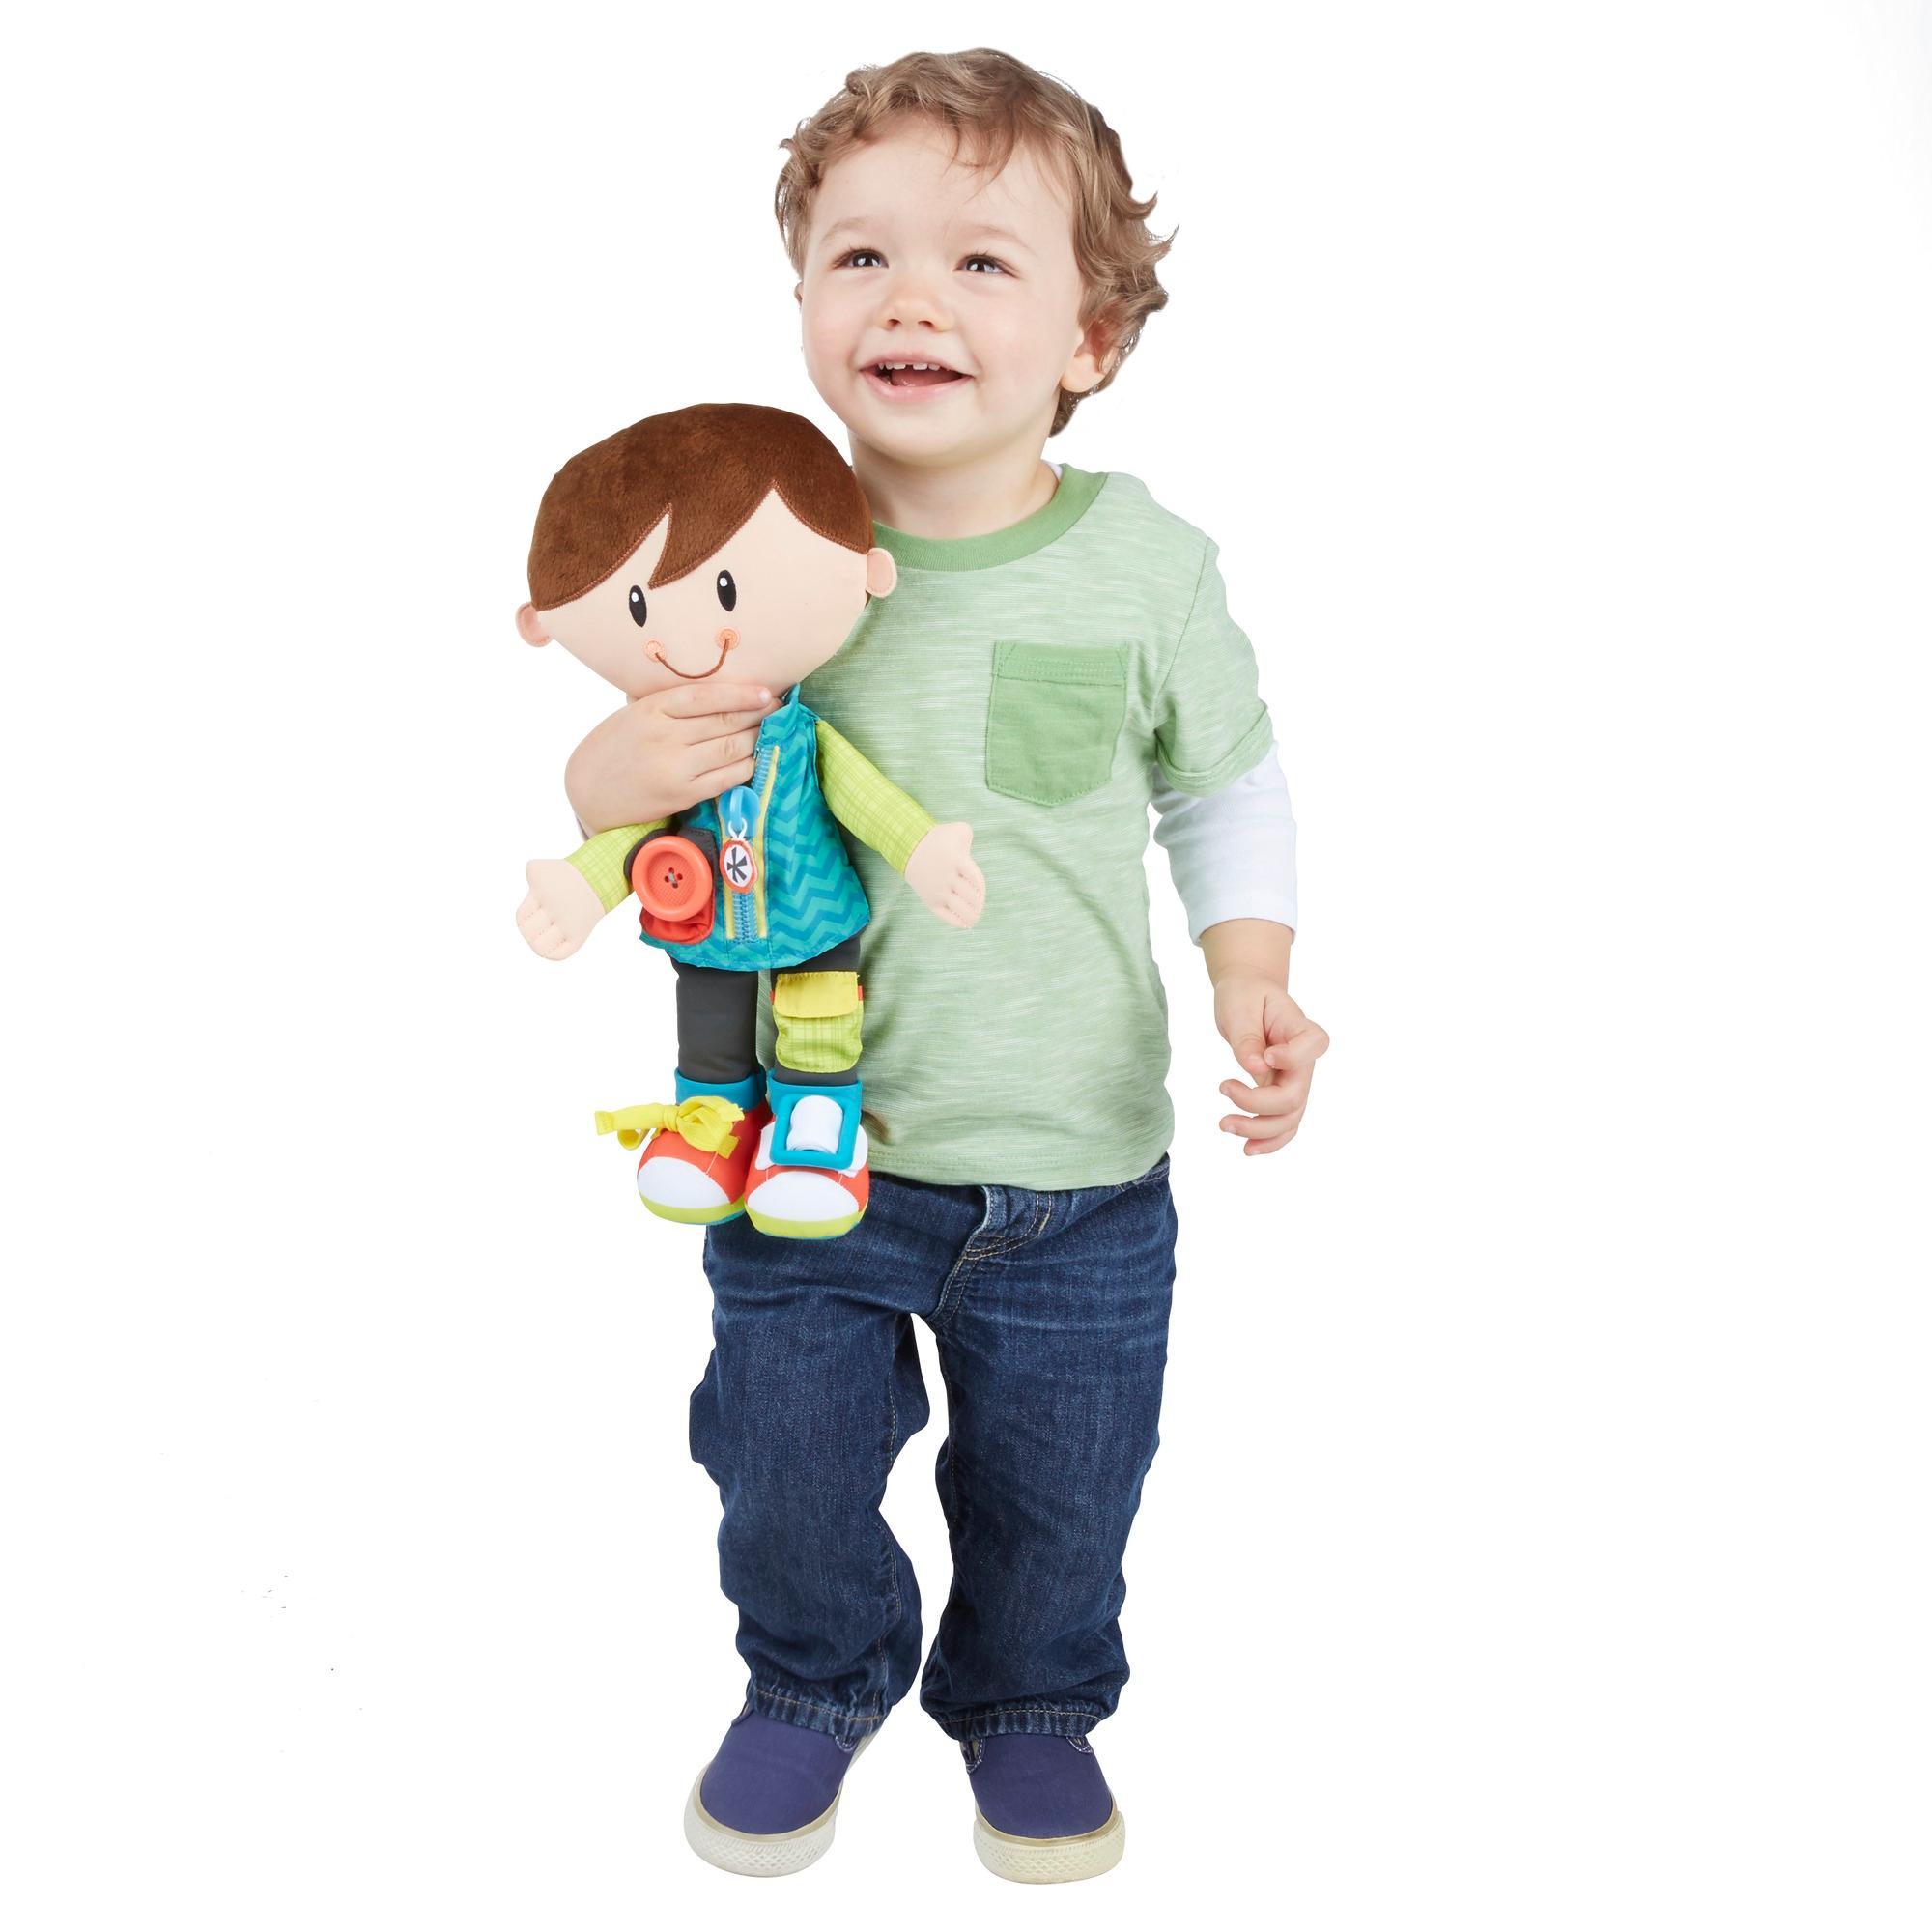 Amazon.com: Playskool Dressy Kids Boy: Toys & Games